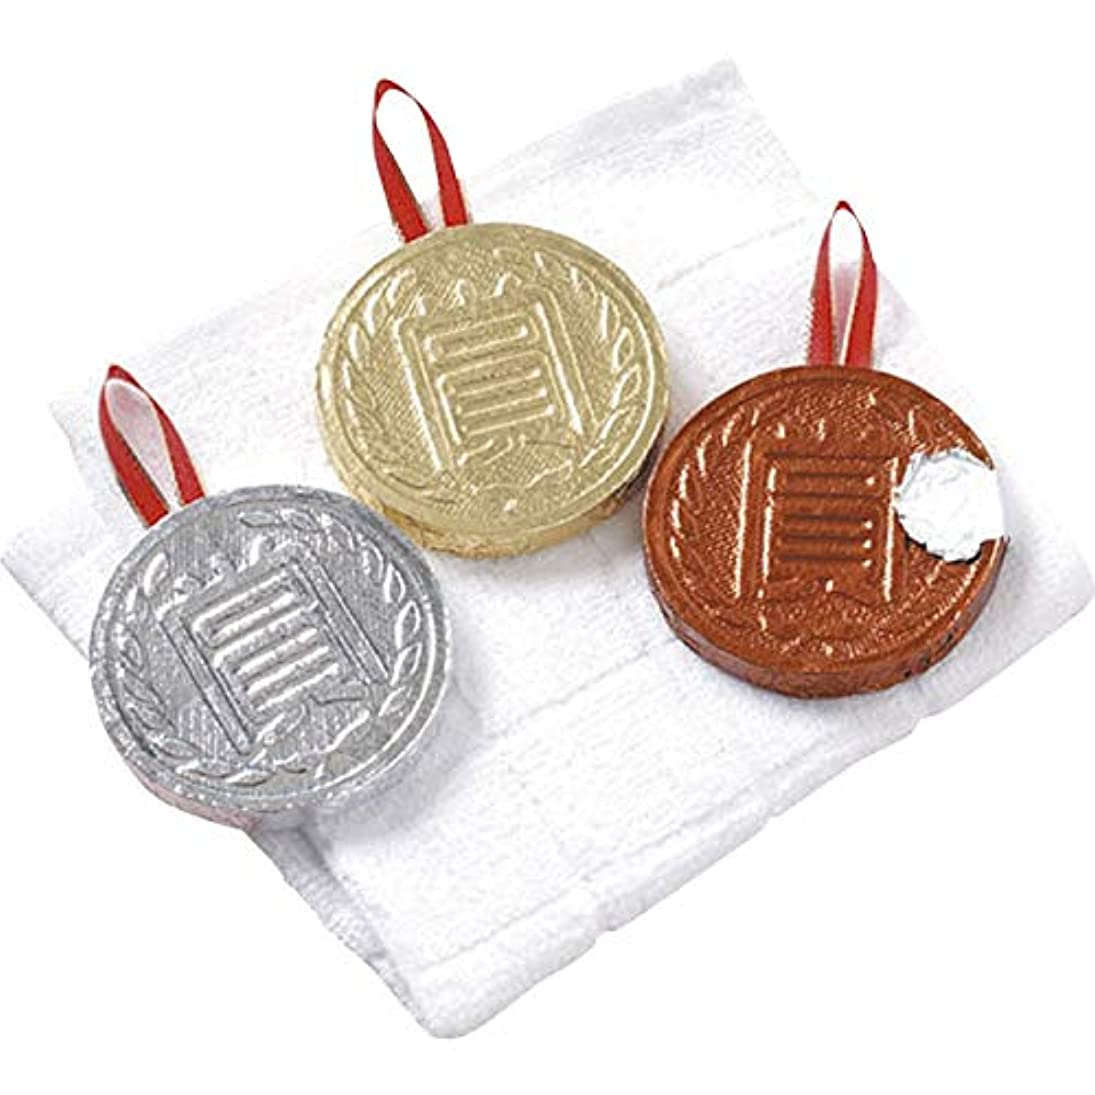 明確な時計フラッシュのように素早くメダルタオル(小) 銀 【メダル 賞 大会 スポーツ イベント 記念品 粗品 圧縮タオル 表彰 セレモニー かわいい 運動会 レクリエーション】